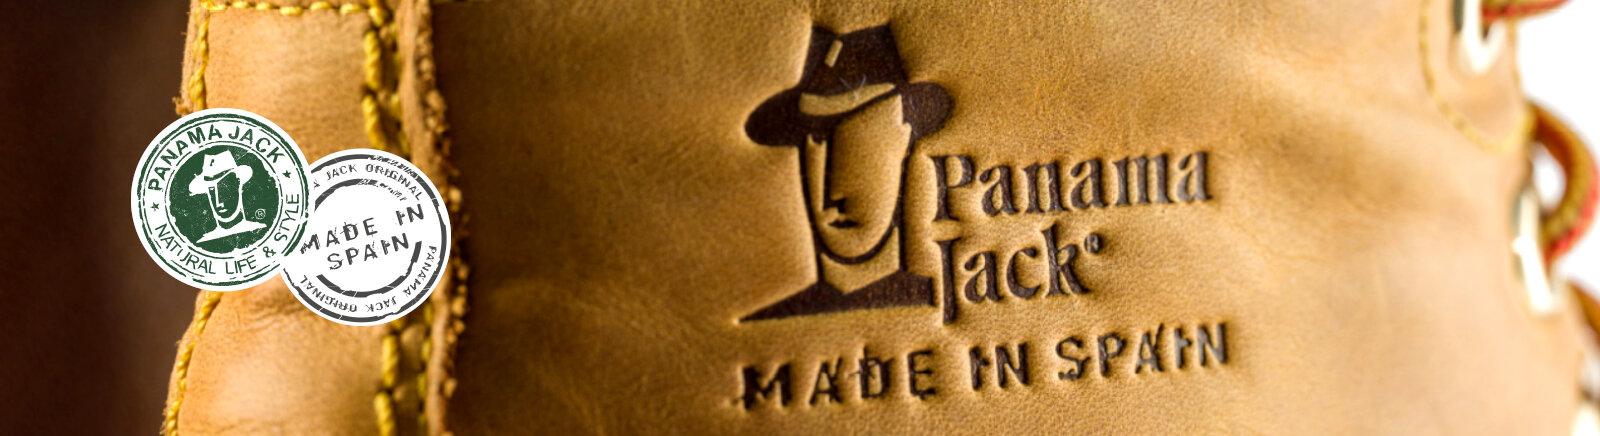 Juppen: Panama Jack Damenschuhe online shoppen